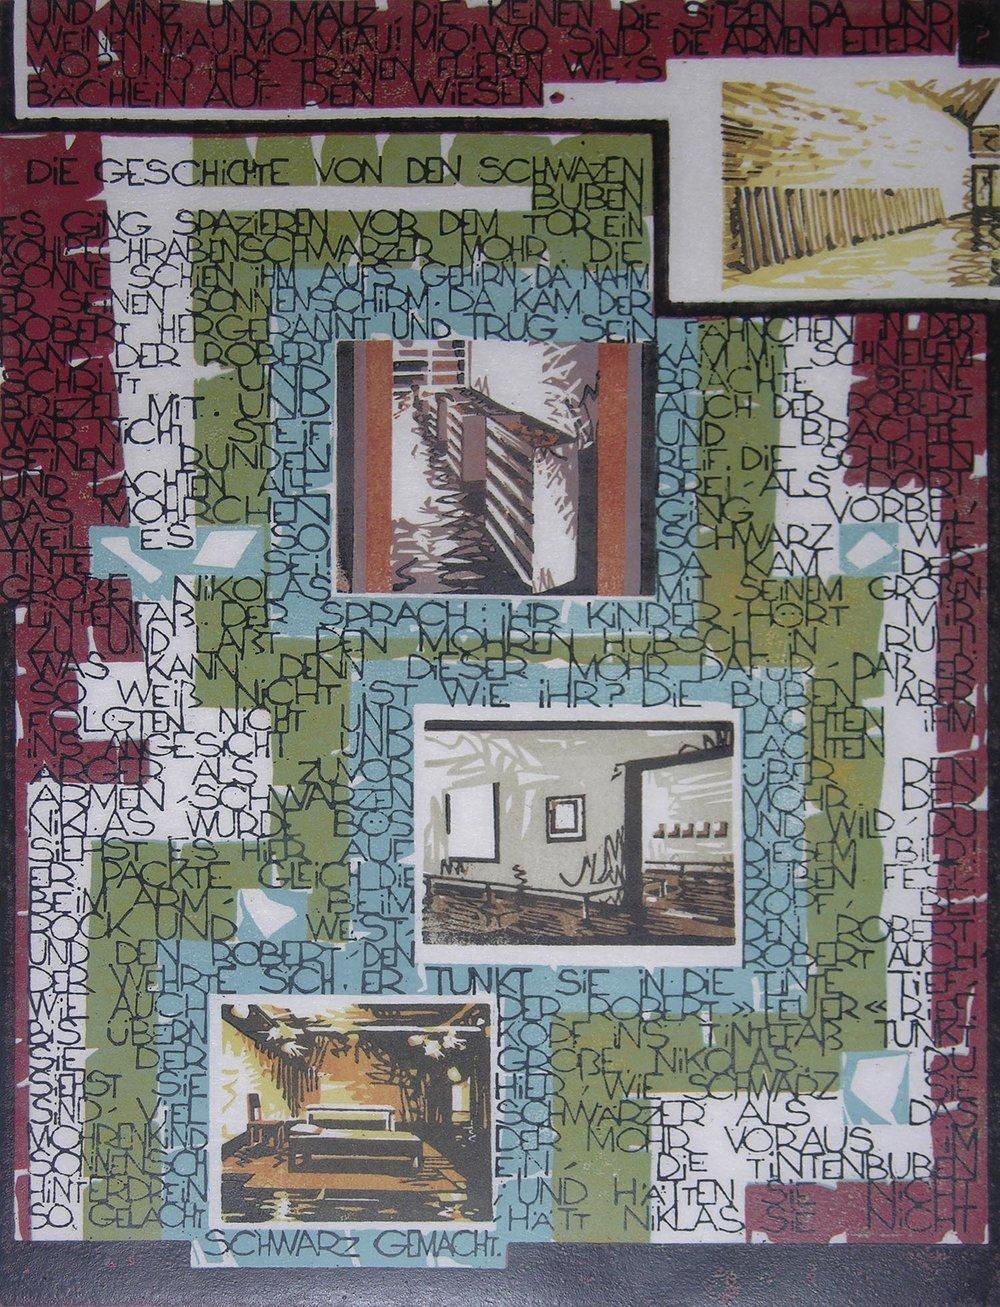 Die Geschichte von den schwarzen Buben | 1994 | farbiger Linolschnitt auf Papier | 50 x 35 cm